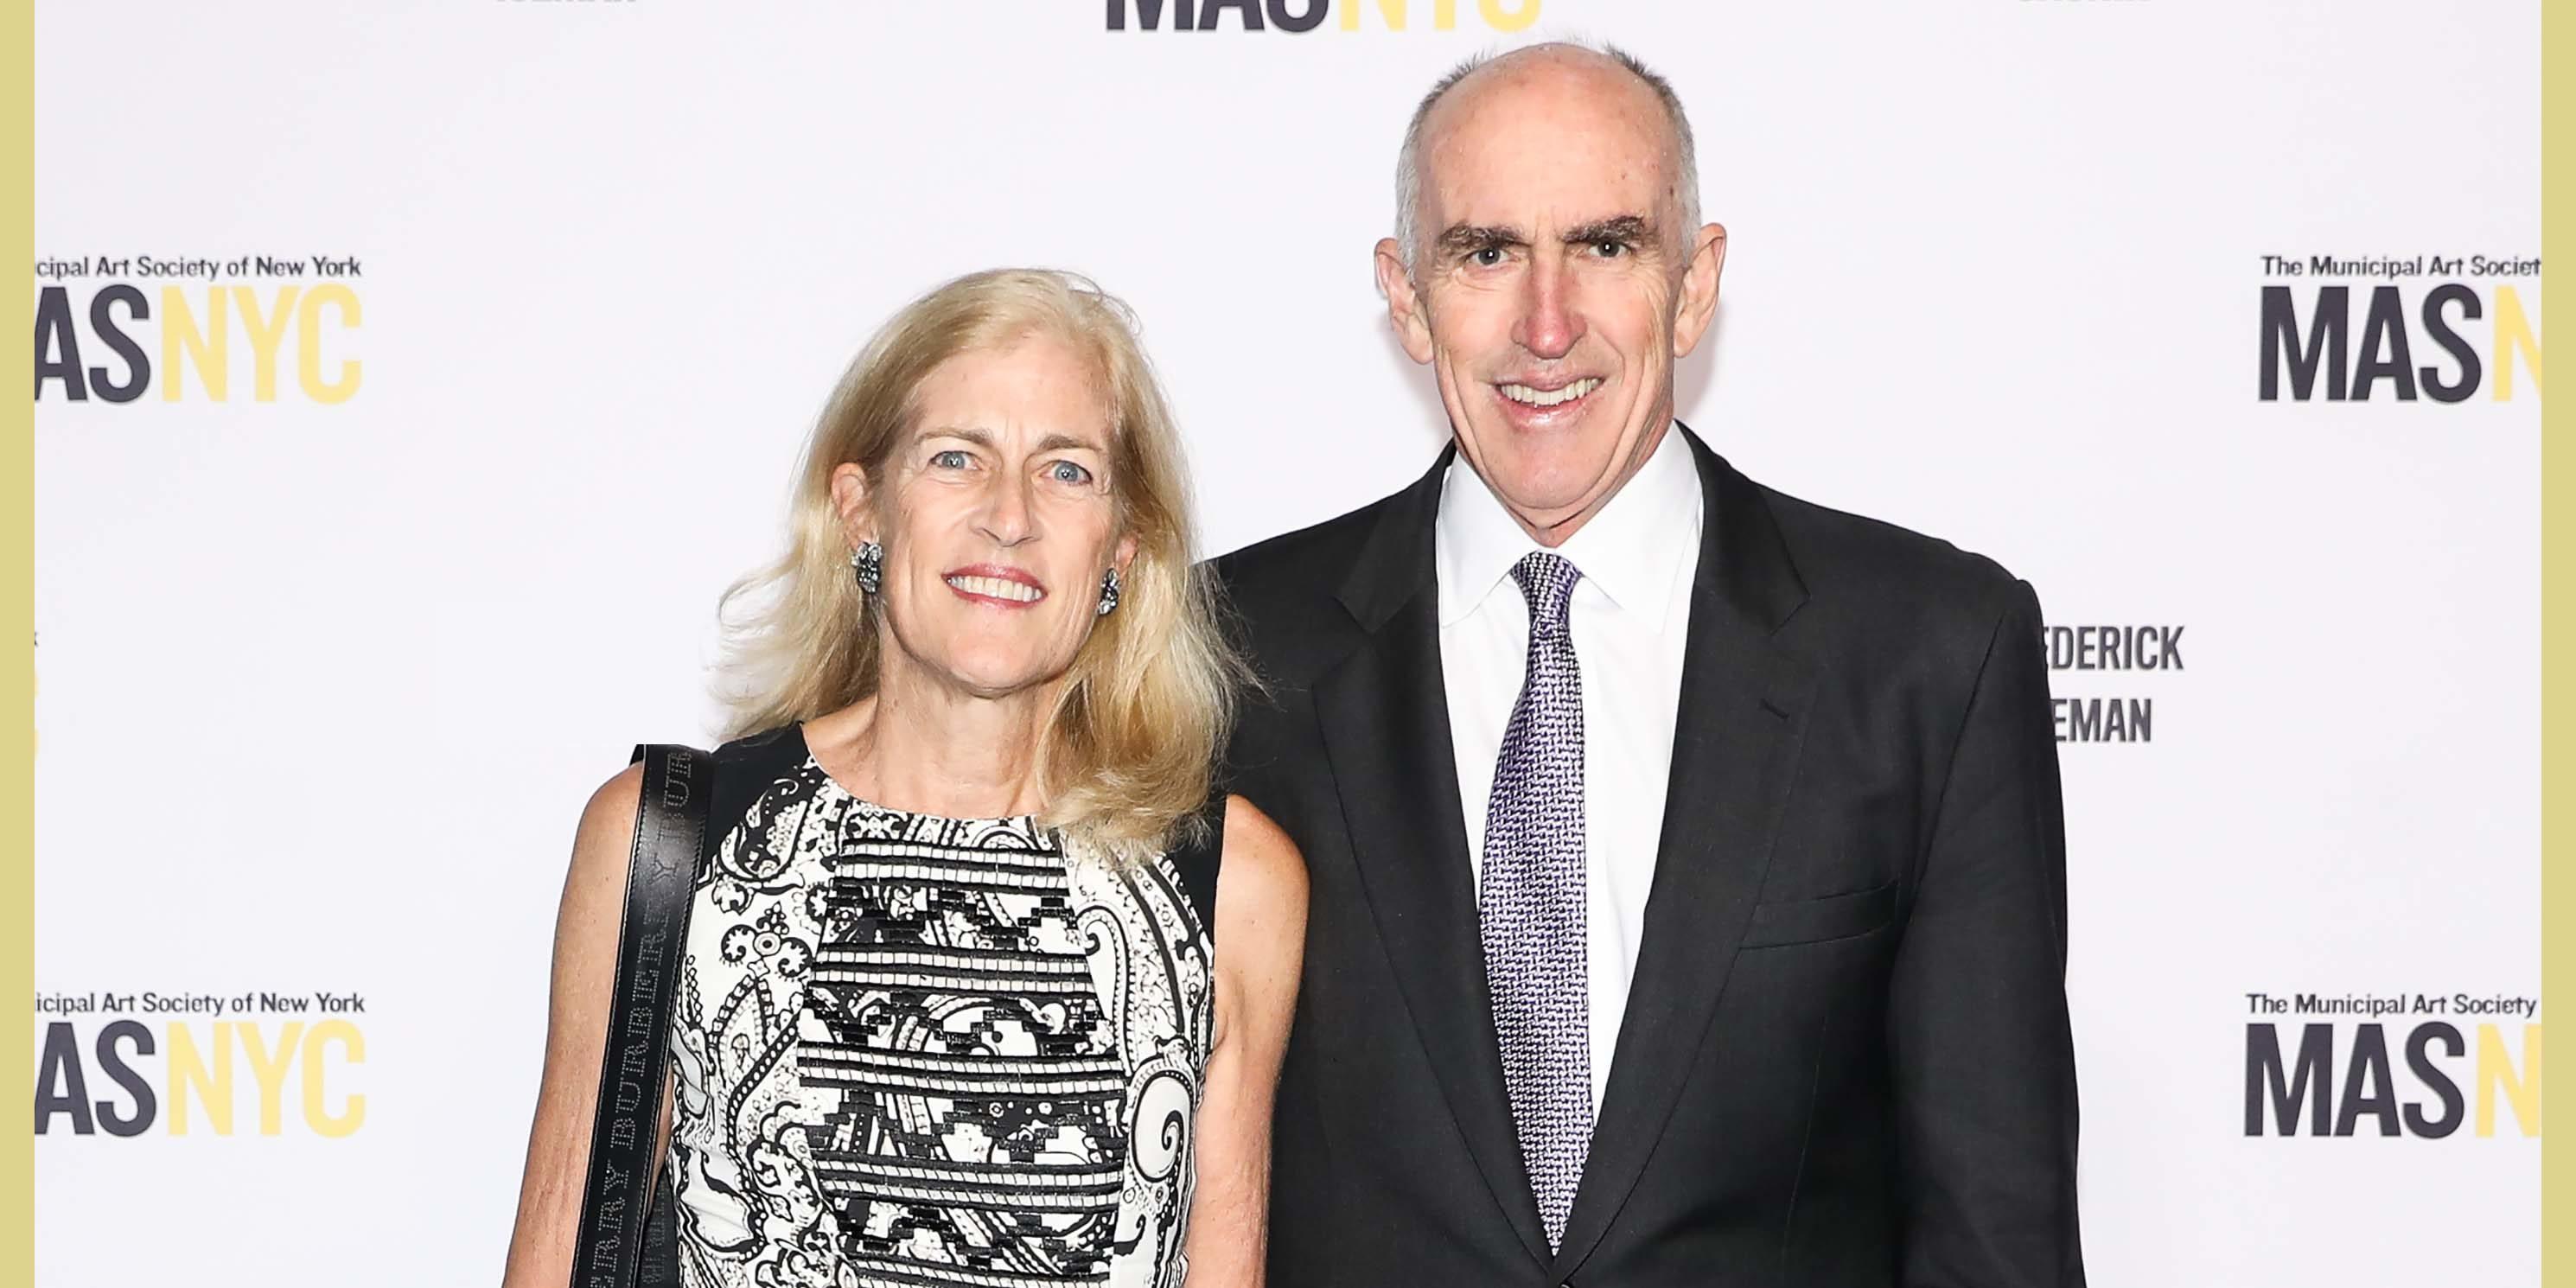 Lisa and Dick Cashin at a Municipal Art Society of New York Gala